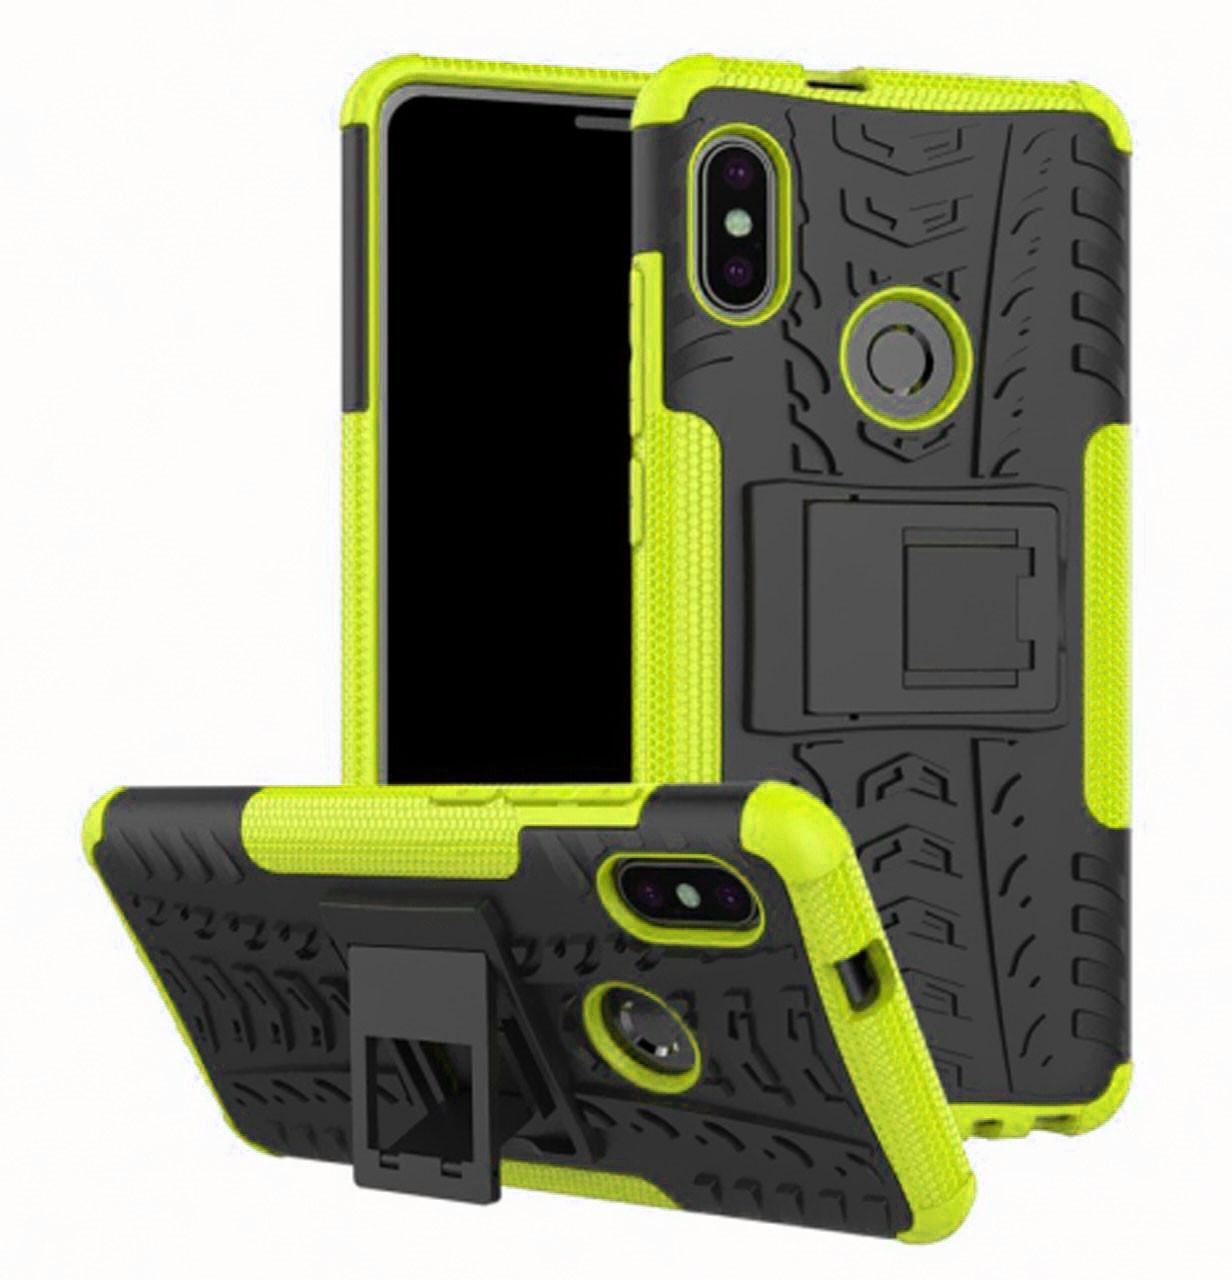 Противоударный двухслойный чехол Shield для Xiaomi Redmi Note 5 Pro / Note 5 (AI DC) Lime